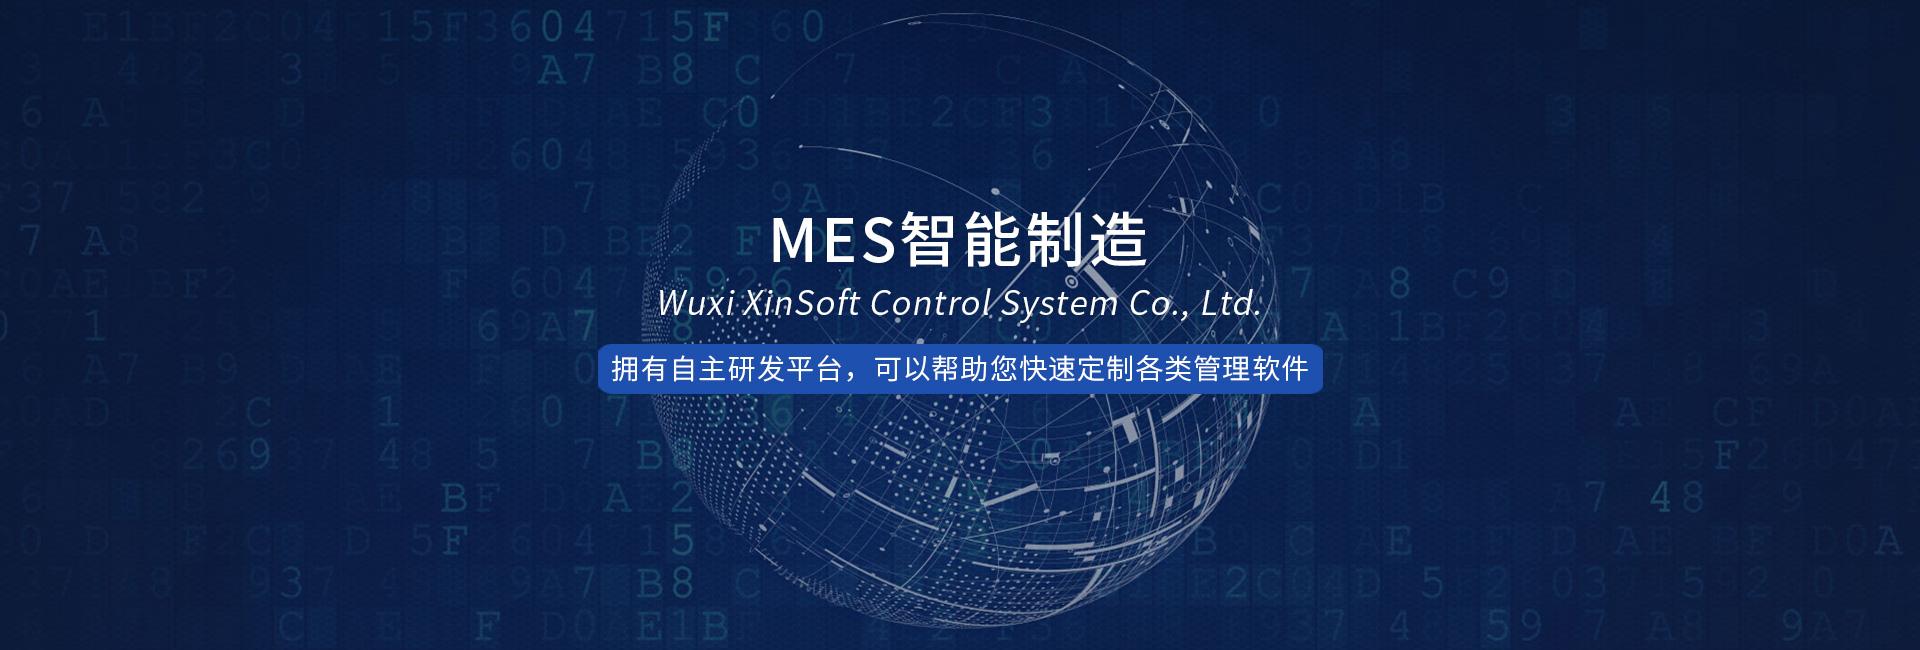 无锡芯软智控系统有限公司